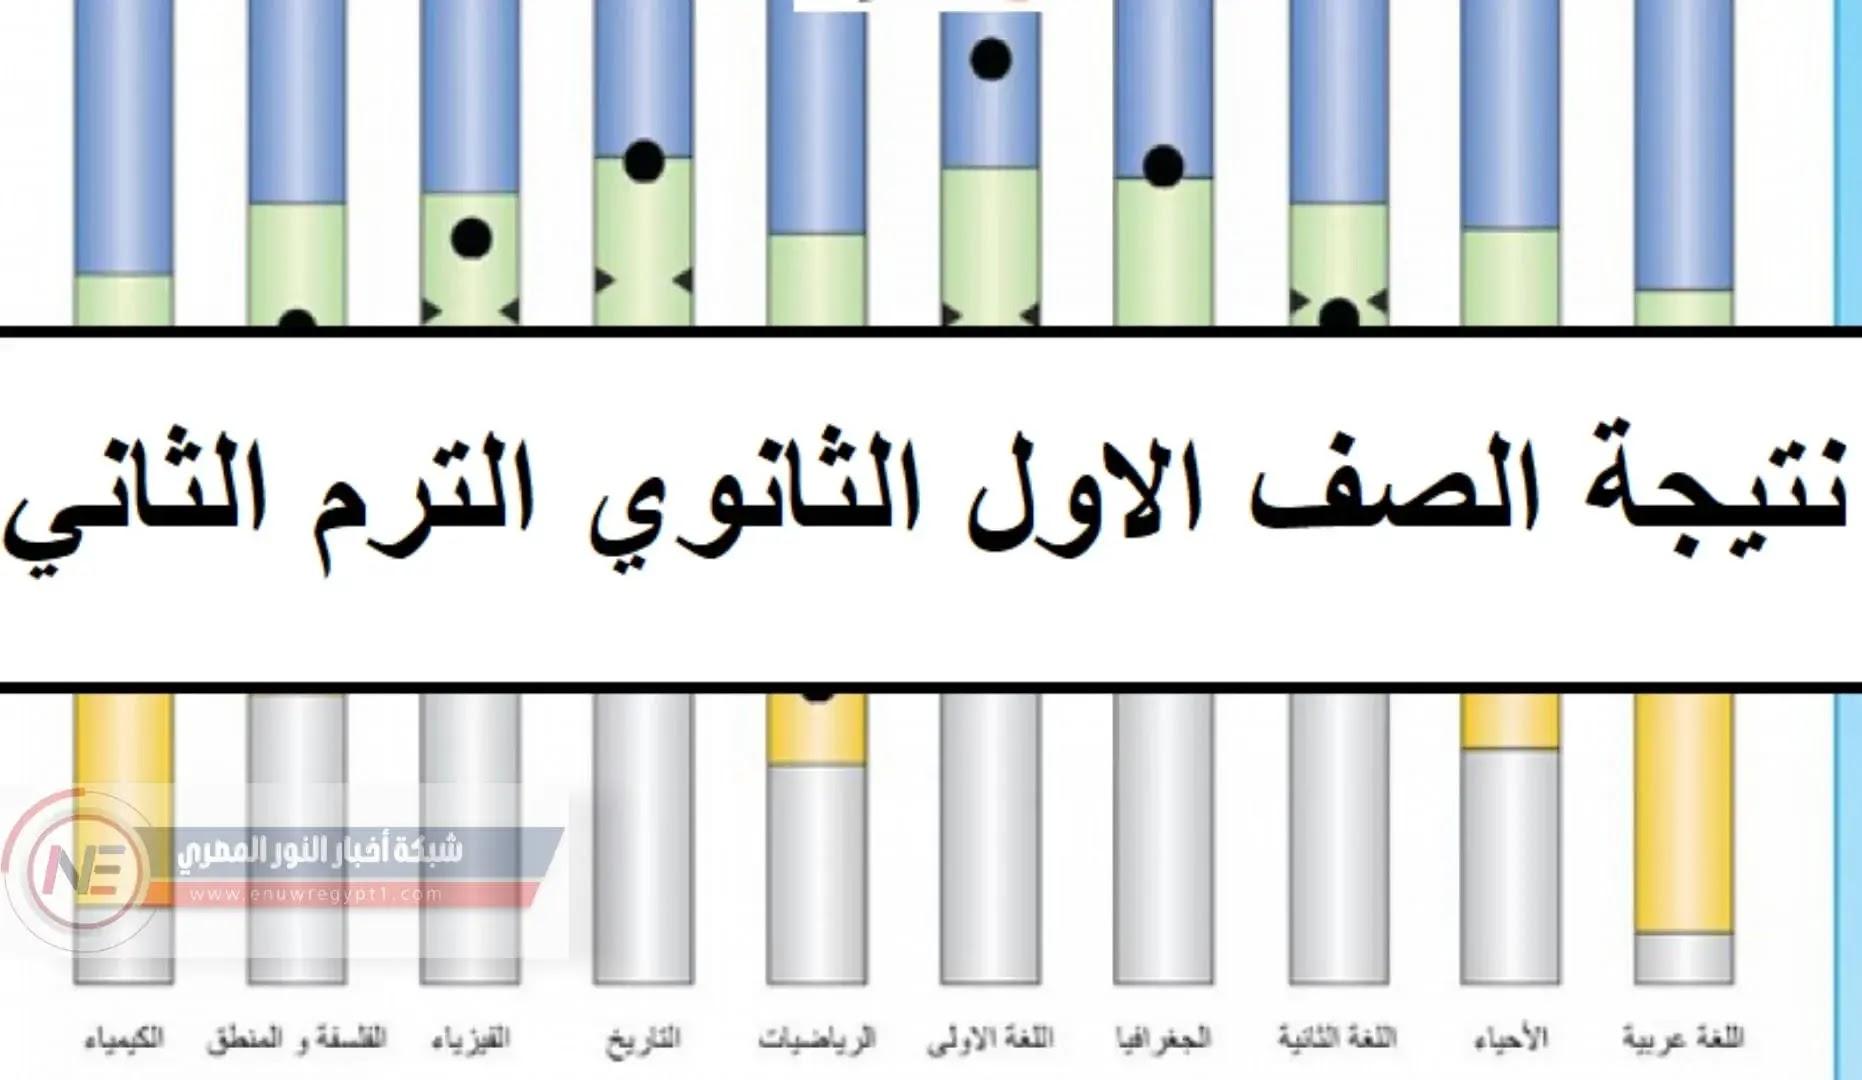 نتيجة الصف الاول الثانوي الترم الثاني 2021- رابط نتائج سنة اولي ثانوي الترم التاني عبر موقع وزارة التربية و التعليم- استعلم حالا